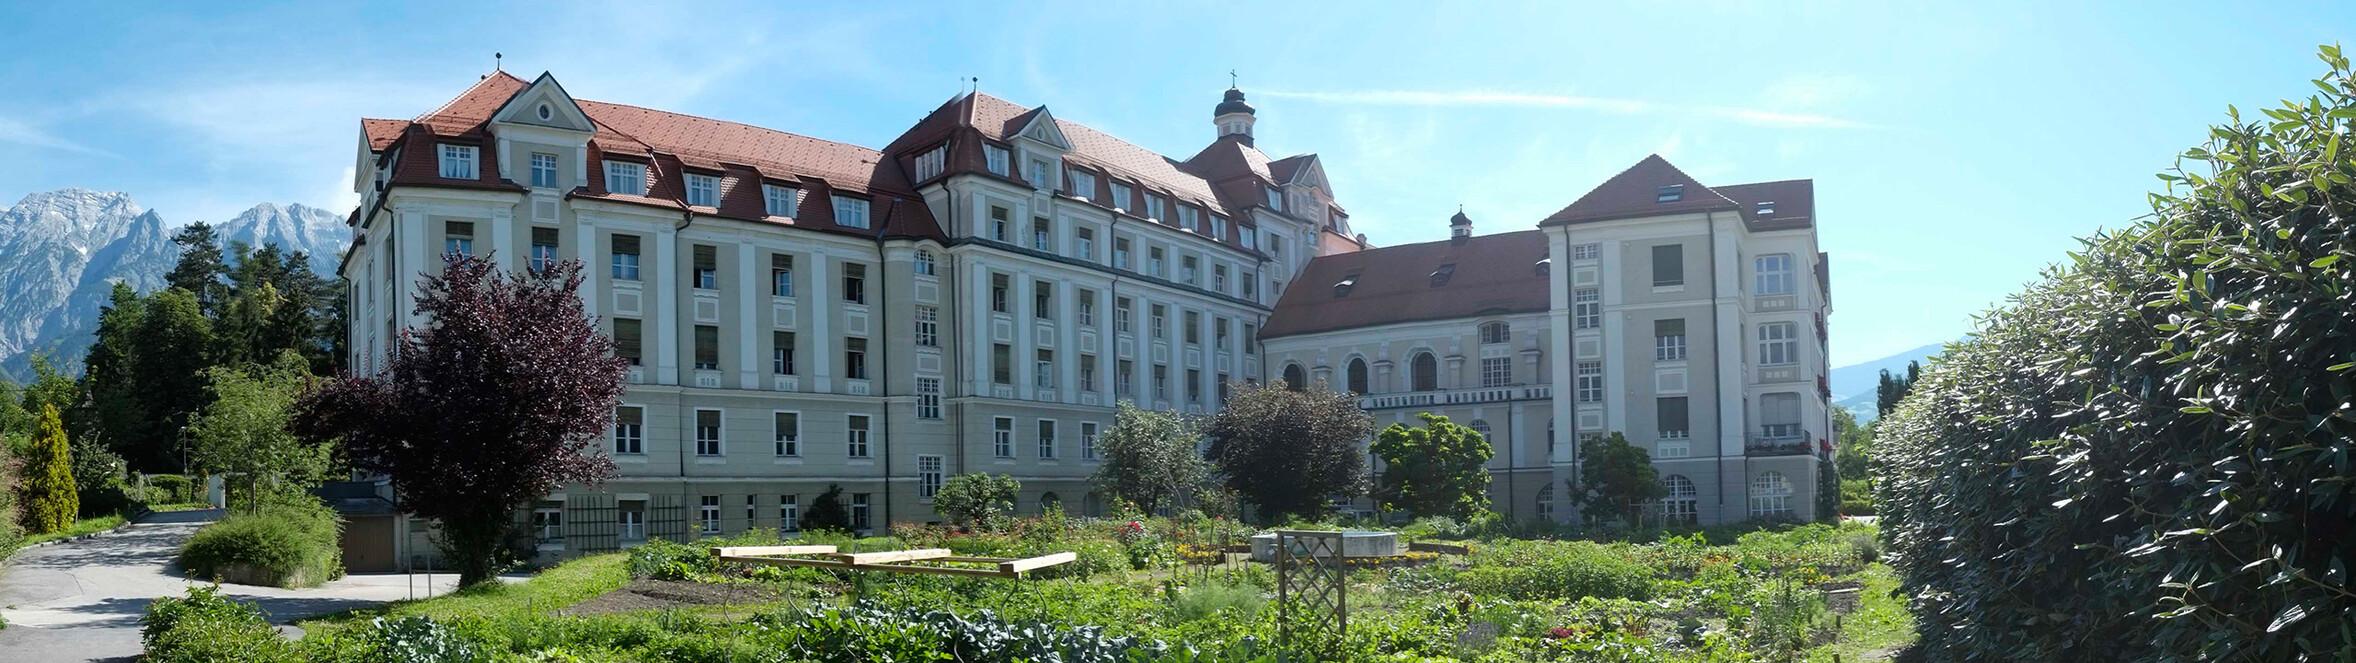 Kloster St. Elisabeth der Kreuzschwestern in Hall im Tirol